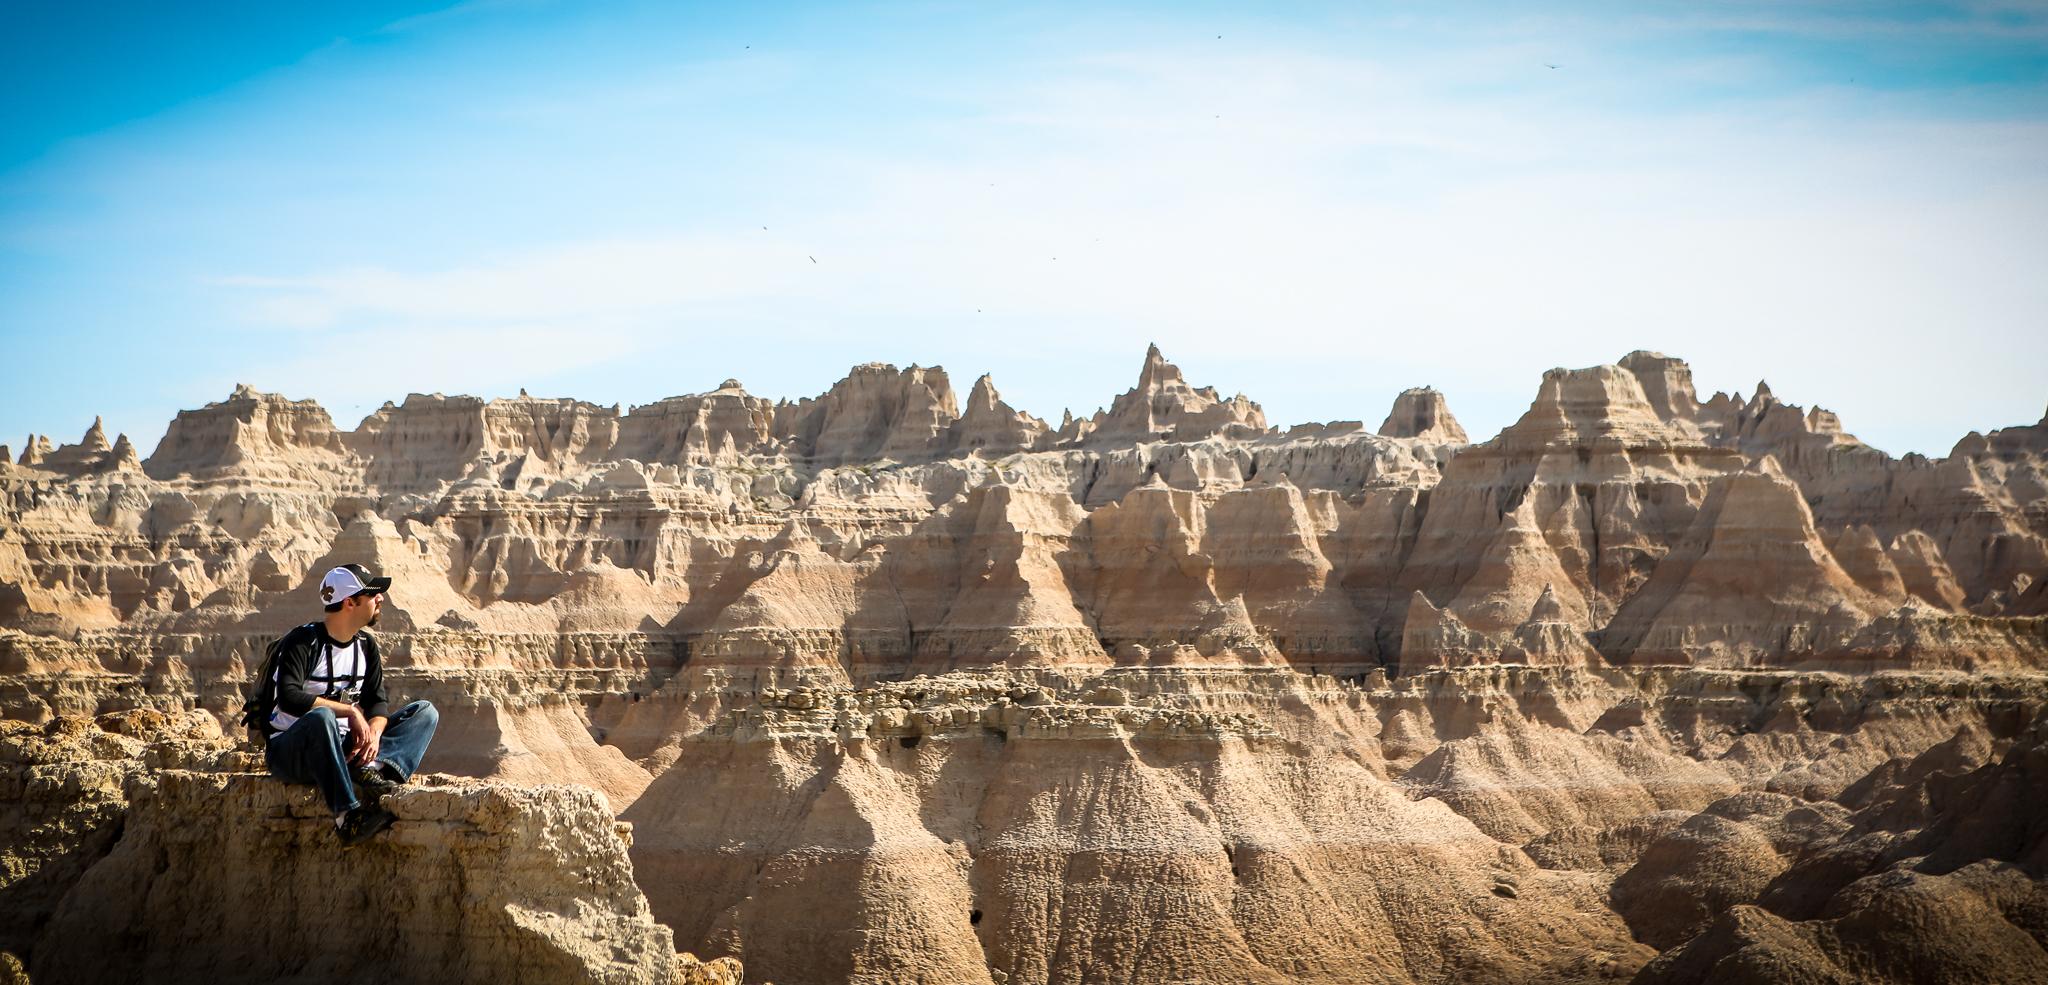 Black hills national forest clipart graphic freeuse download Badlands National Park | Black Hills & Badlands - South Dakota graphic freeuse download